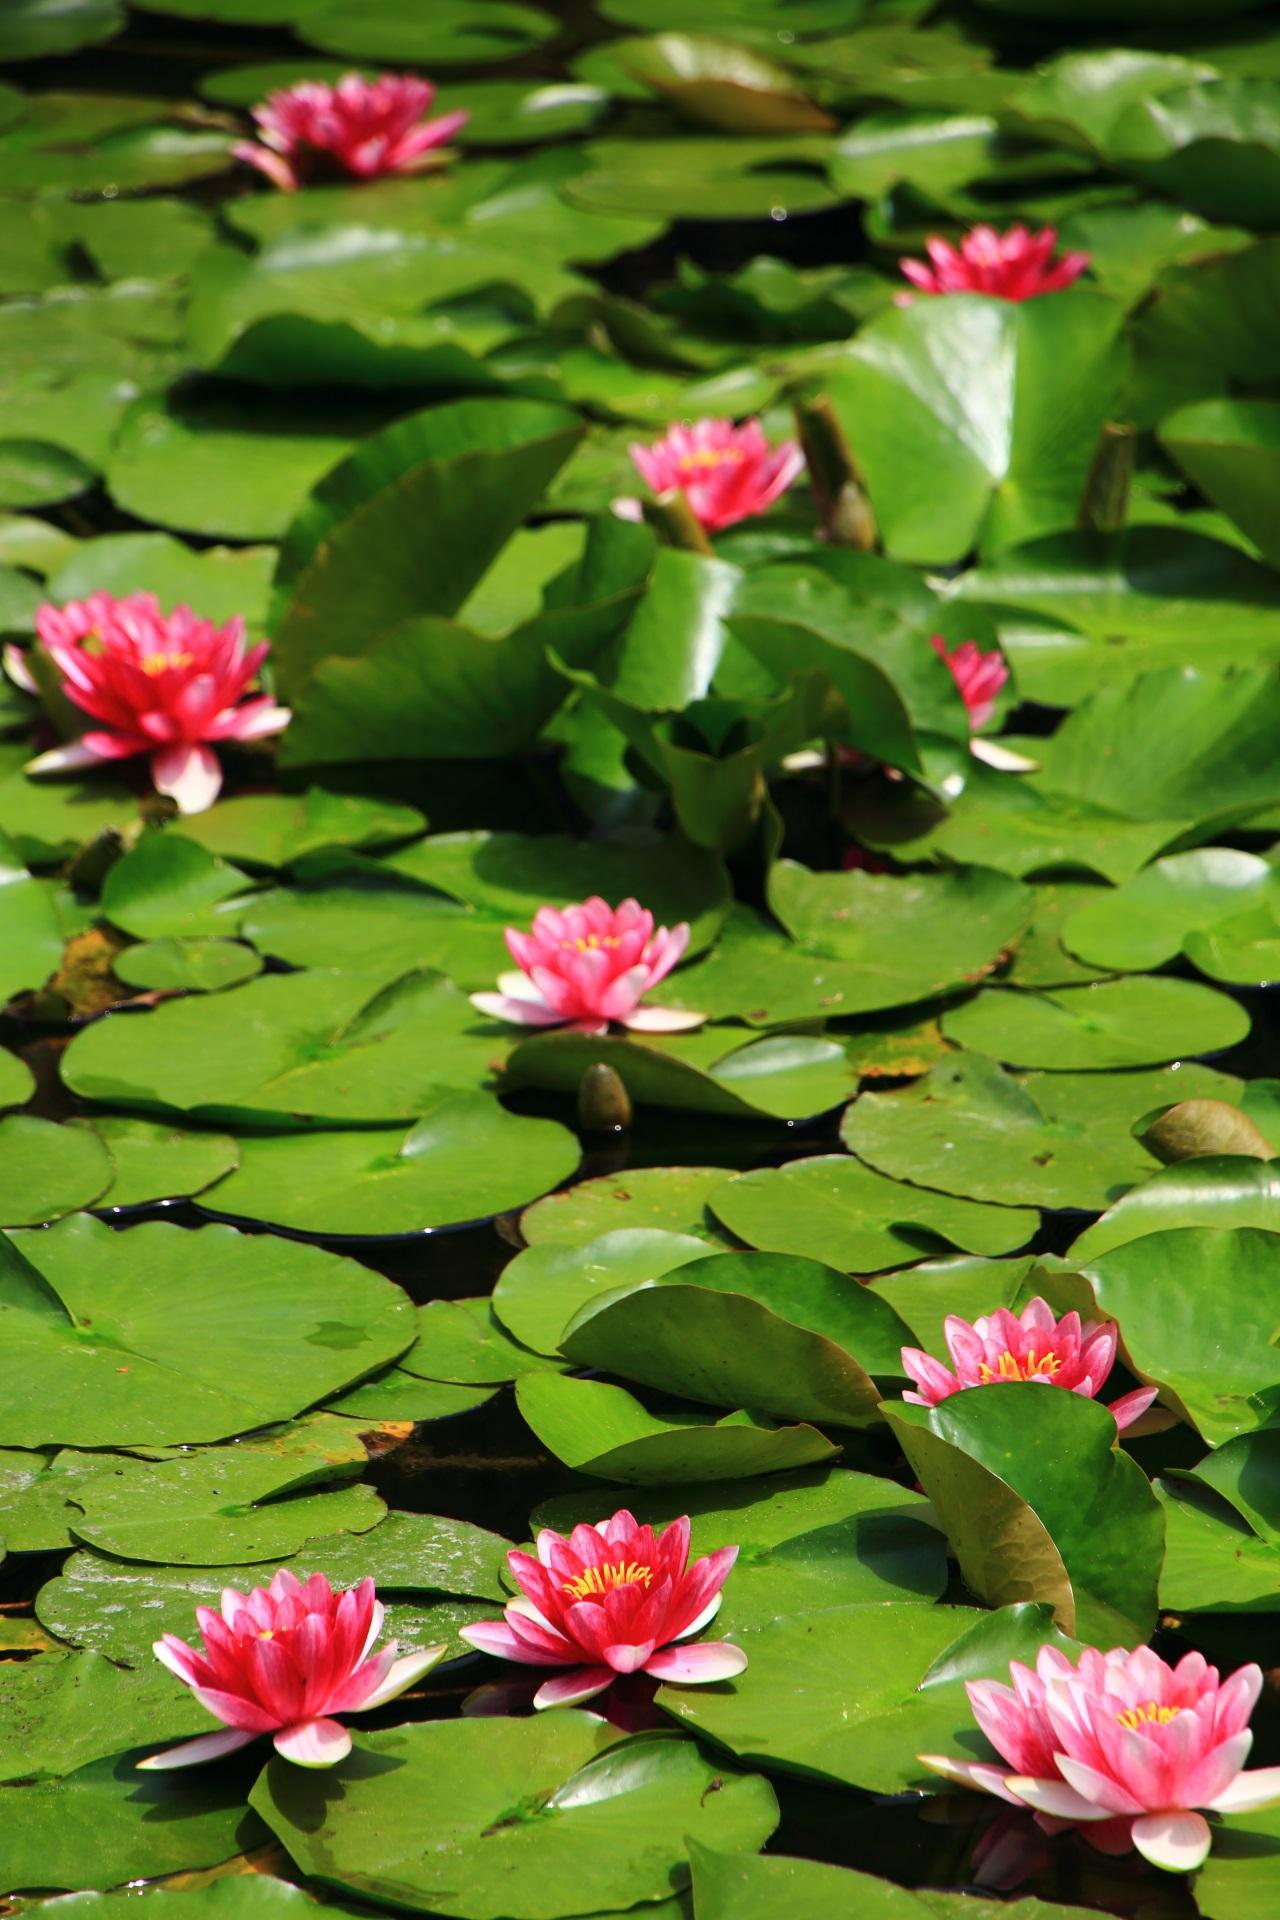 緑とピンクで賑わう春の平安神宮神苑の水面